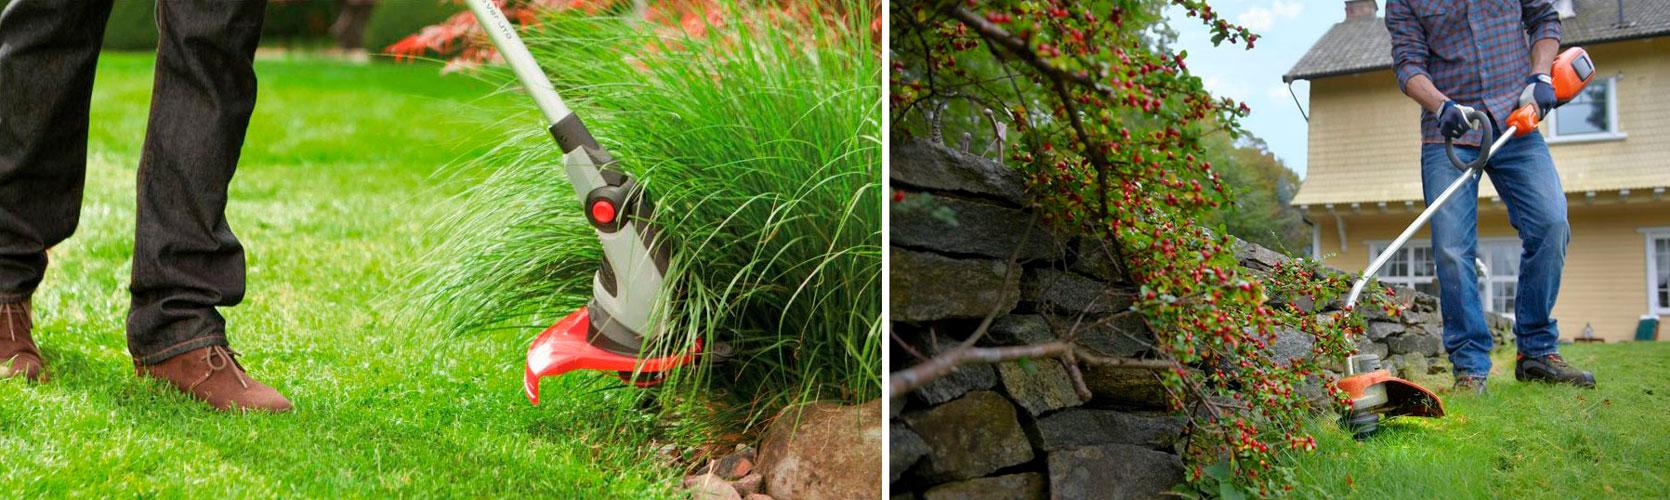 Лучшие аккумуляторные триммеры для травы: какие характеристики стоит учесть при выборе, рейтинг популярных моделей и как подобрать оптимальный инструмент для дачи